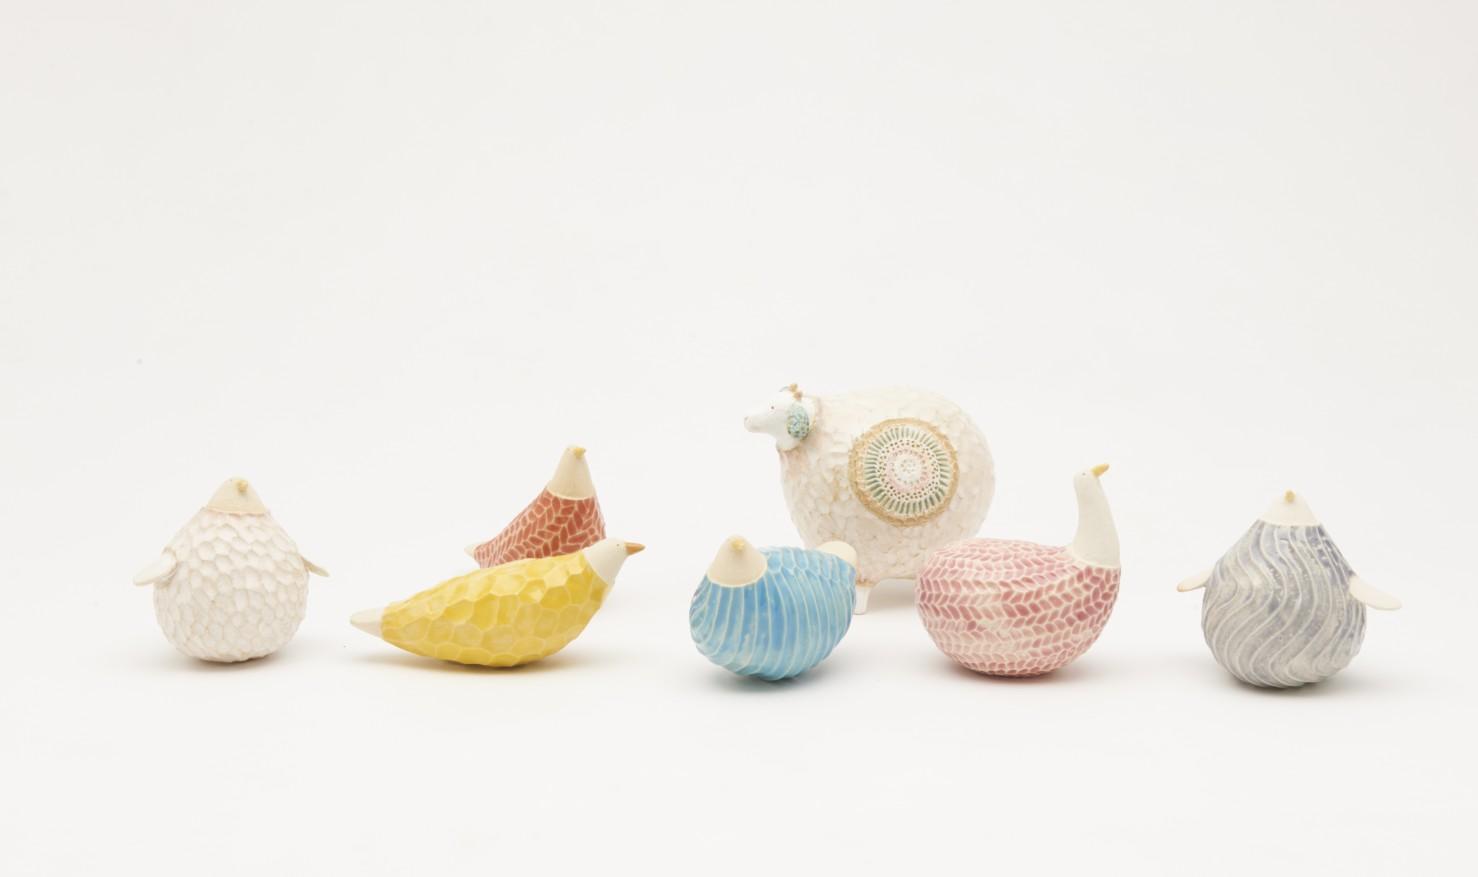 どうぶつカランコロン/いろとりどり by Natsuki Shibata / 柴田菜月